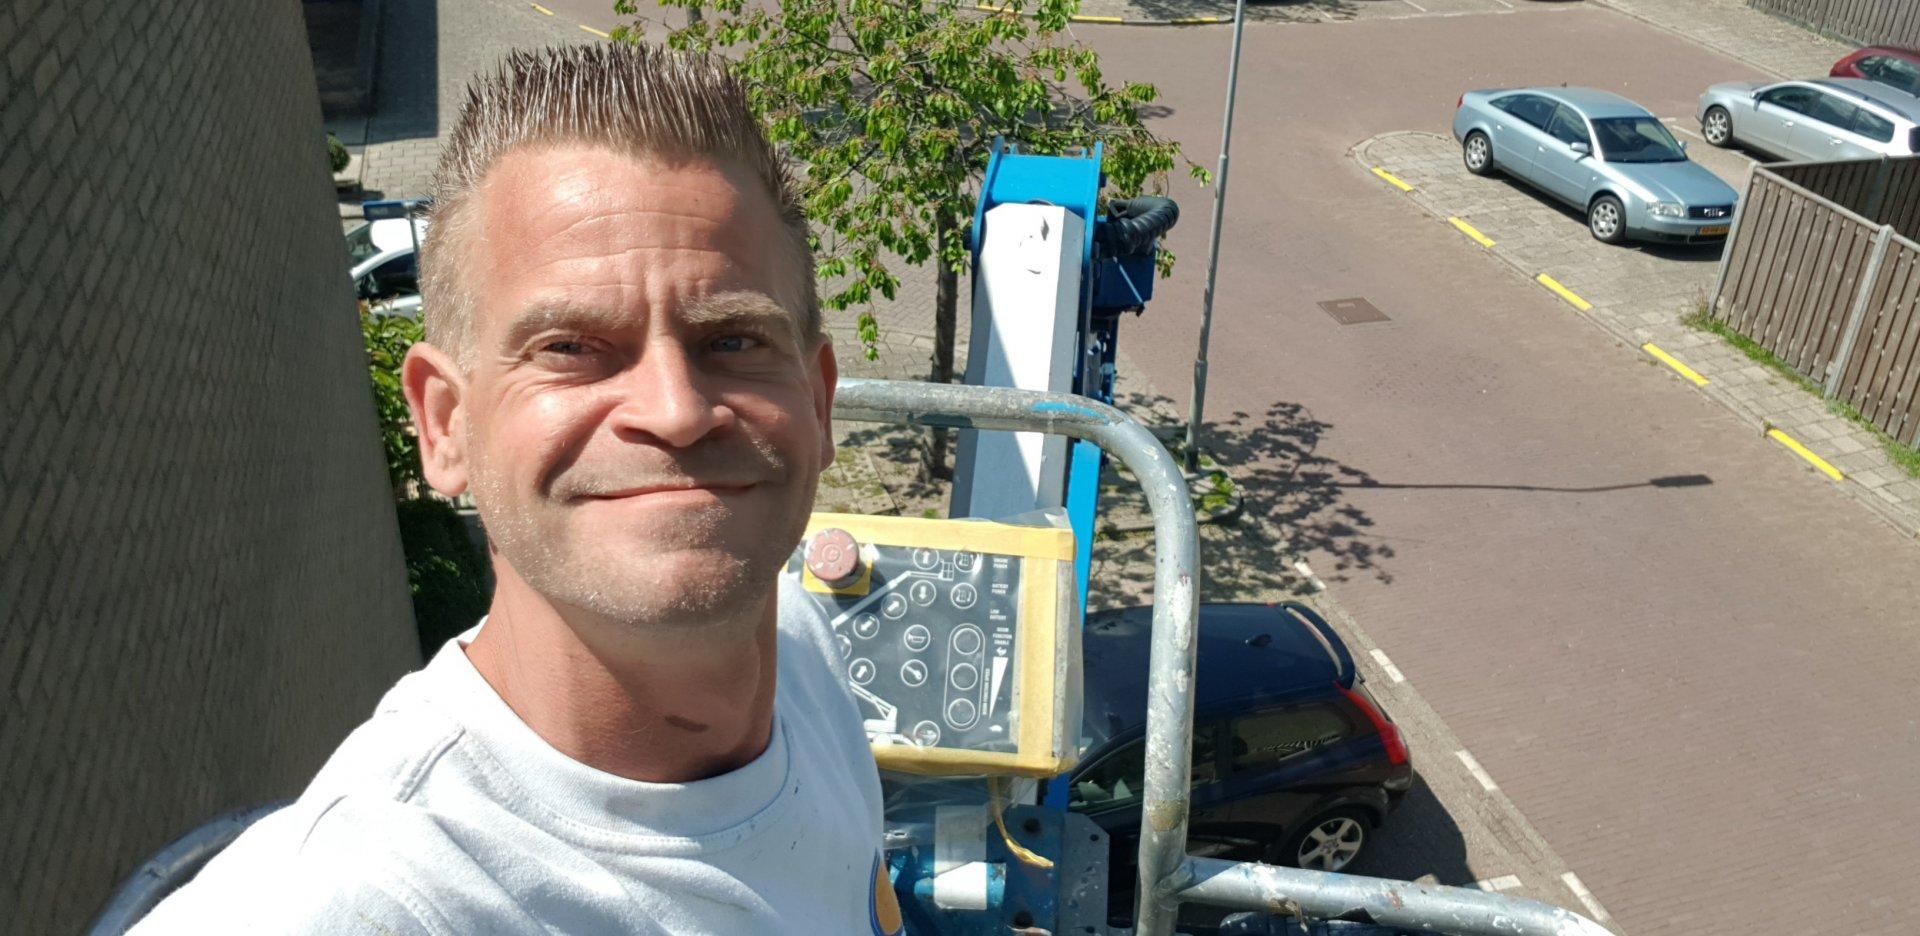 Bjorn2380 uit Zeeland,Nederland